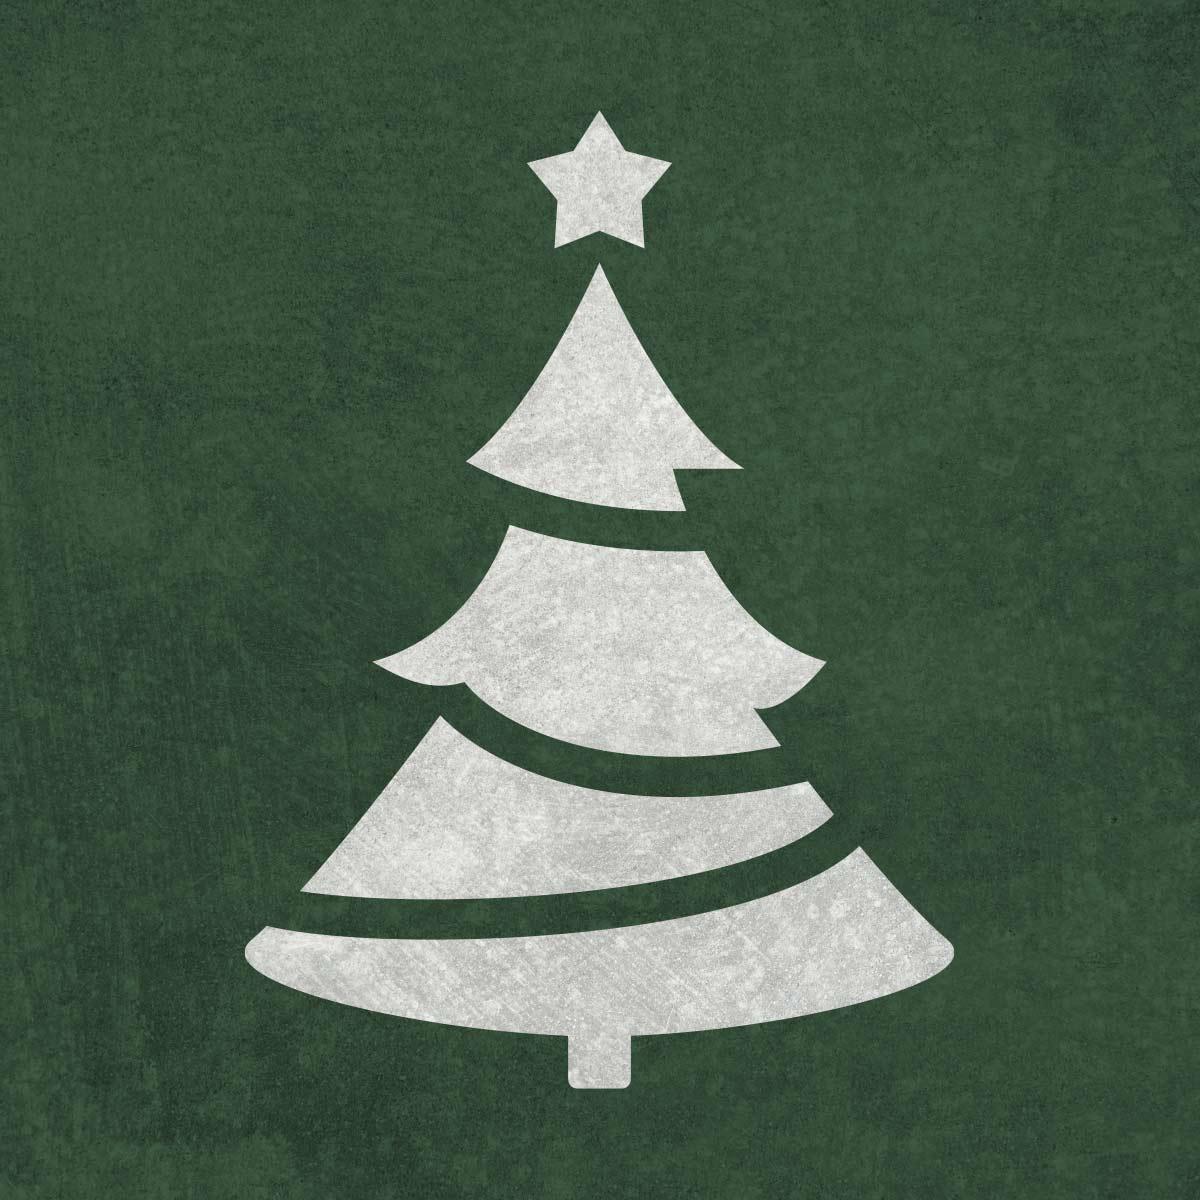 Choinka - świąteczny szablon malarskie wielokrotnego użytku, wizualizacja na ciemnym tle